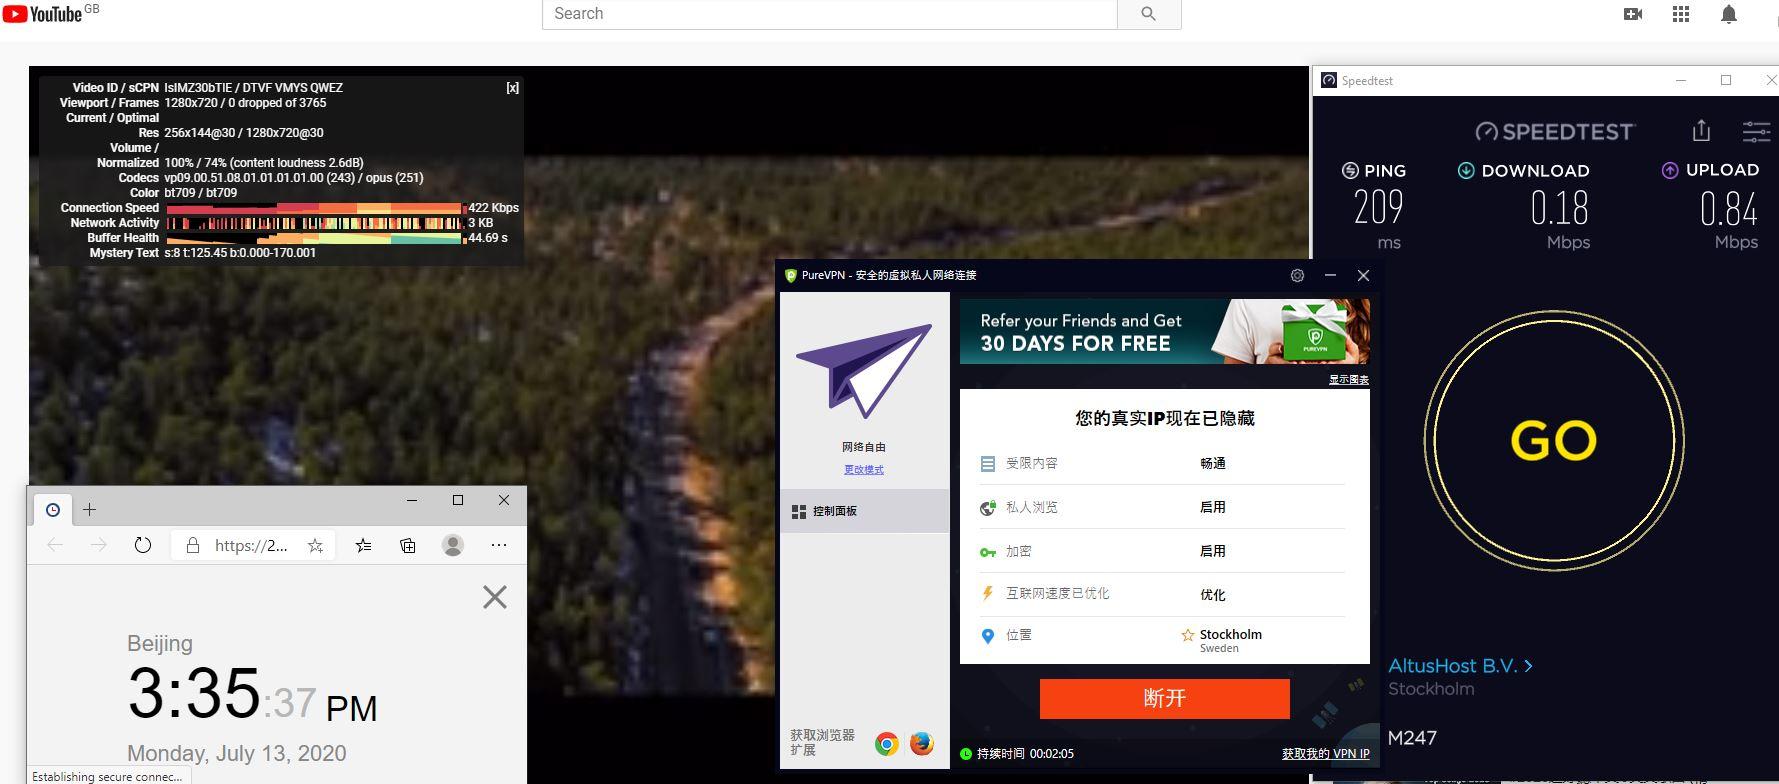 Windows10 PureVPN Sweden 中国VPN 翻墙 科学上网 测速-20200713